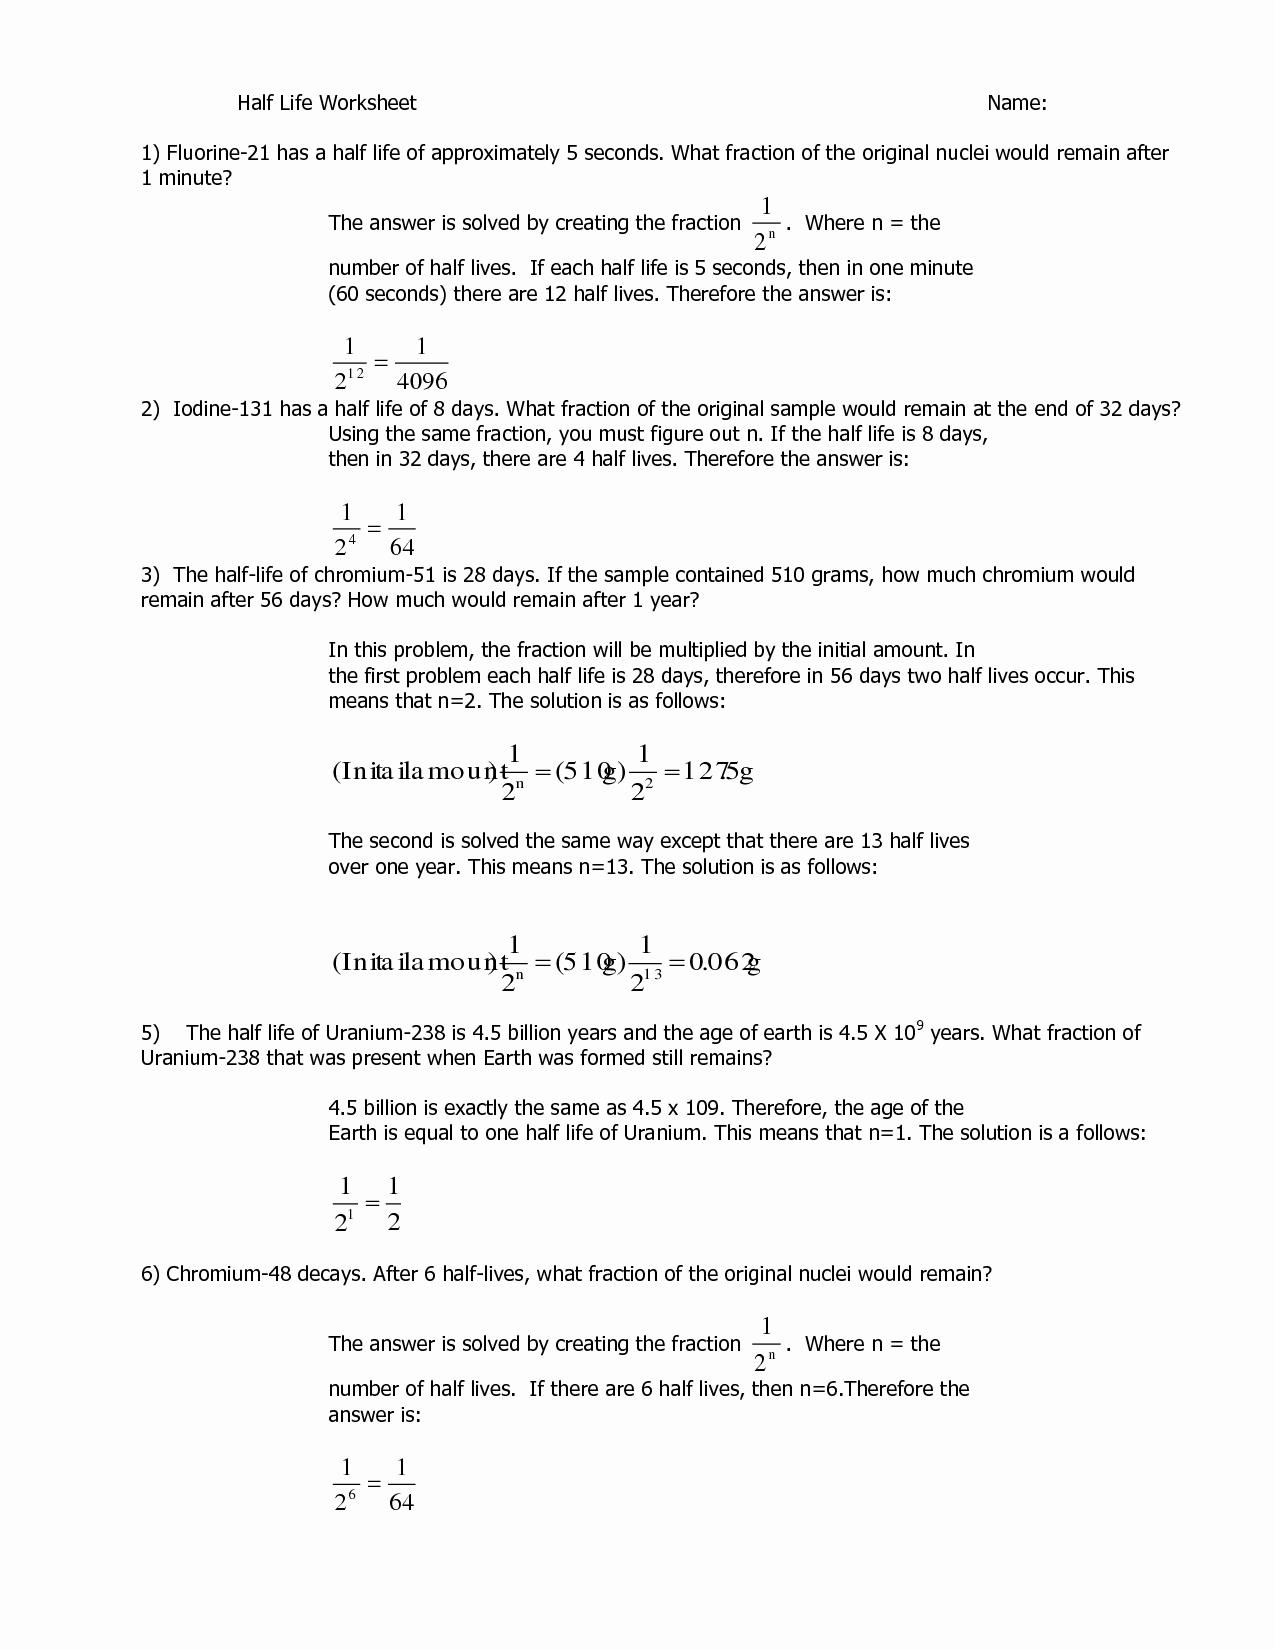 Half Life Worksheet Answers Elegant 8 Best Of Ph Problems Worksheet Concentration